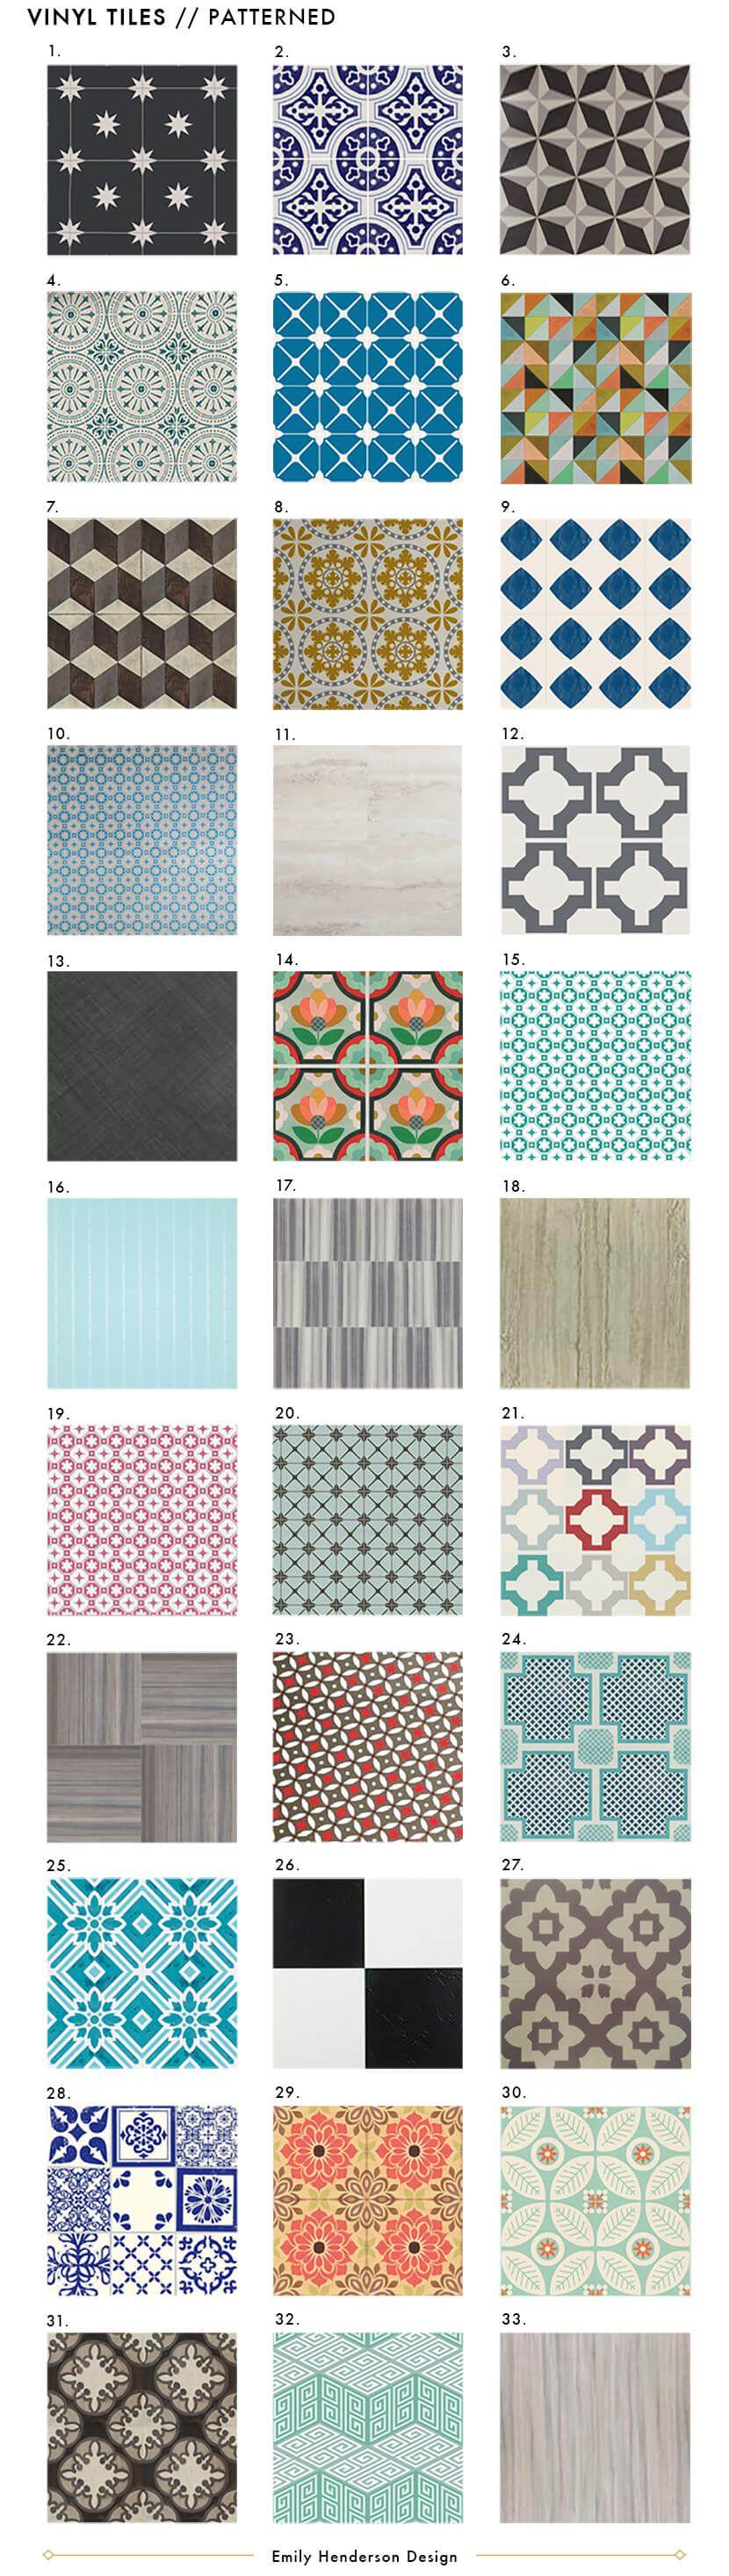 Best Affordable Vinyl Tile Emily Henderson Patterned Floor Tiles Vinyl Tile Vinyl Tiles